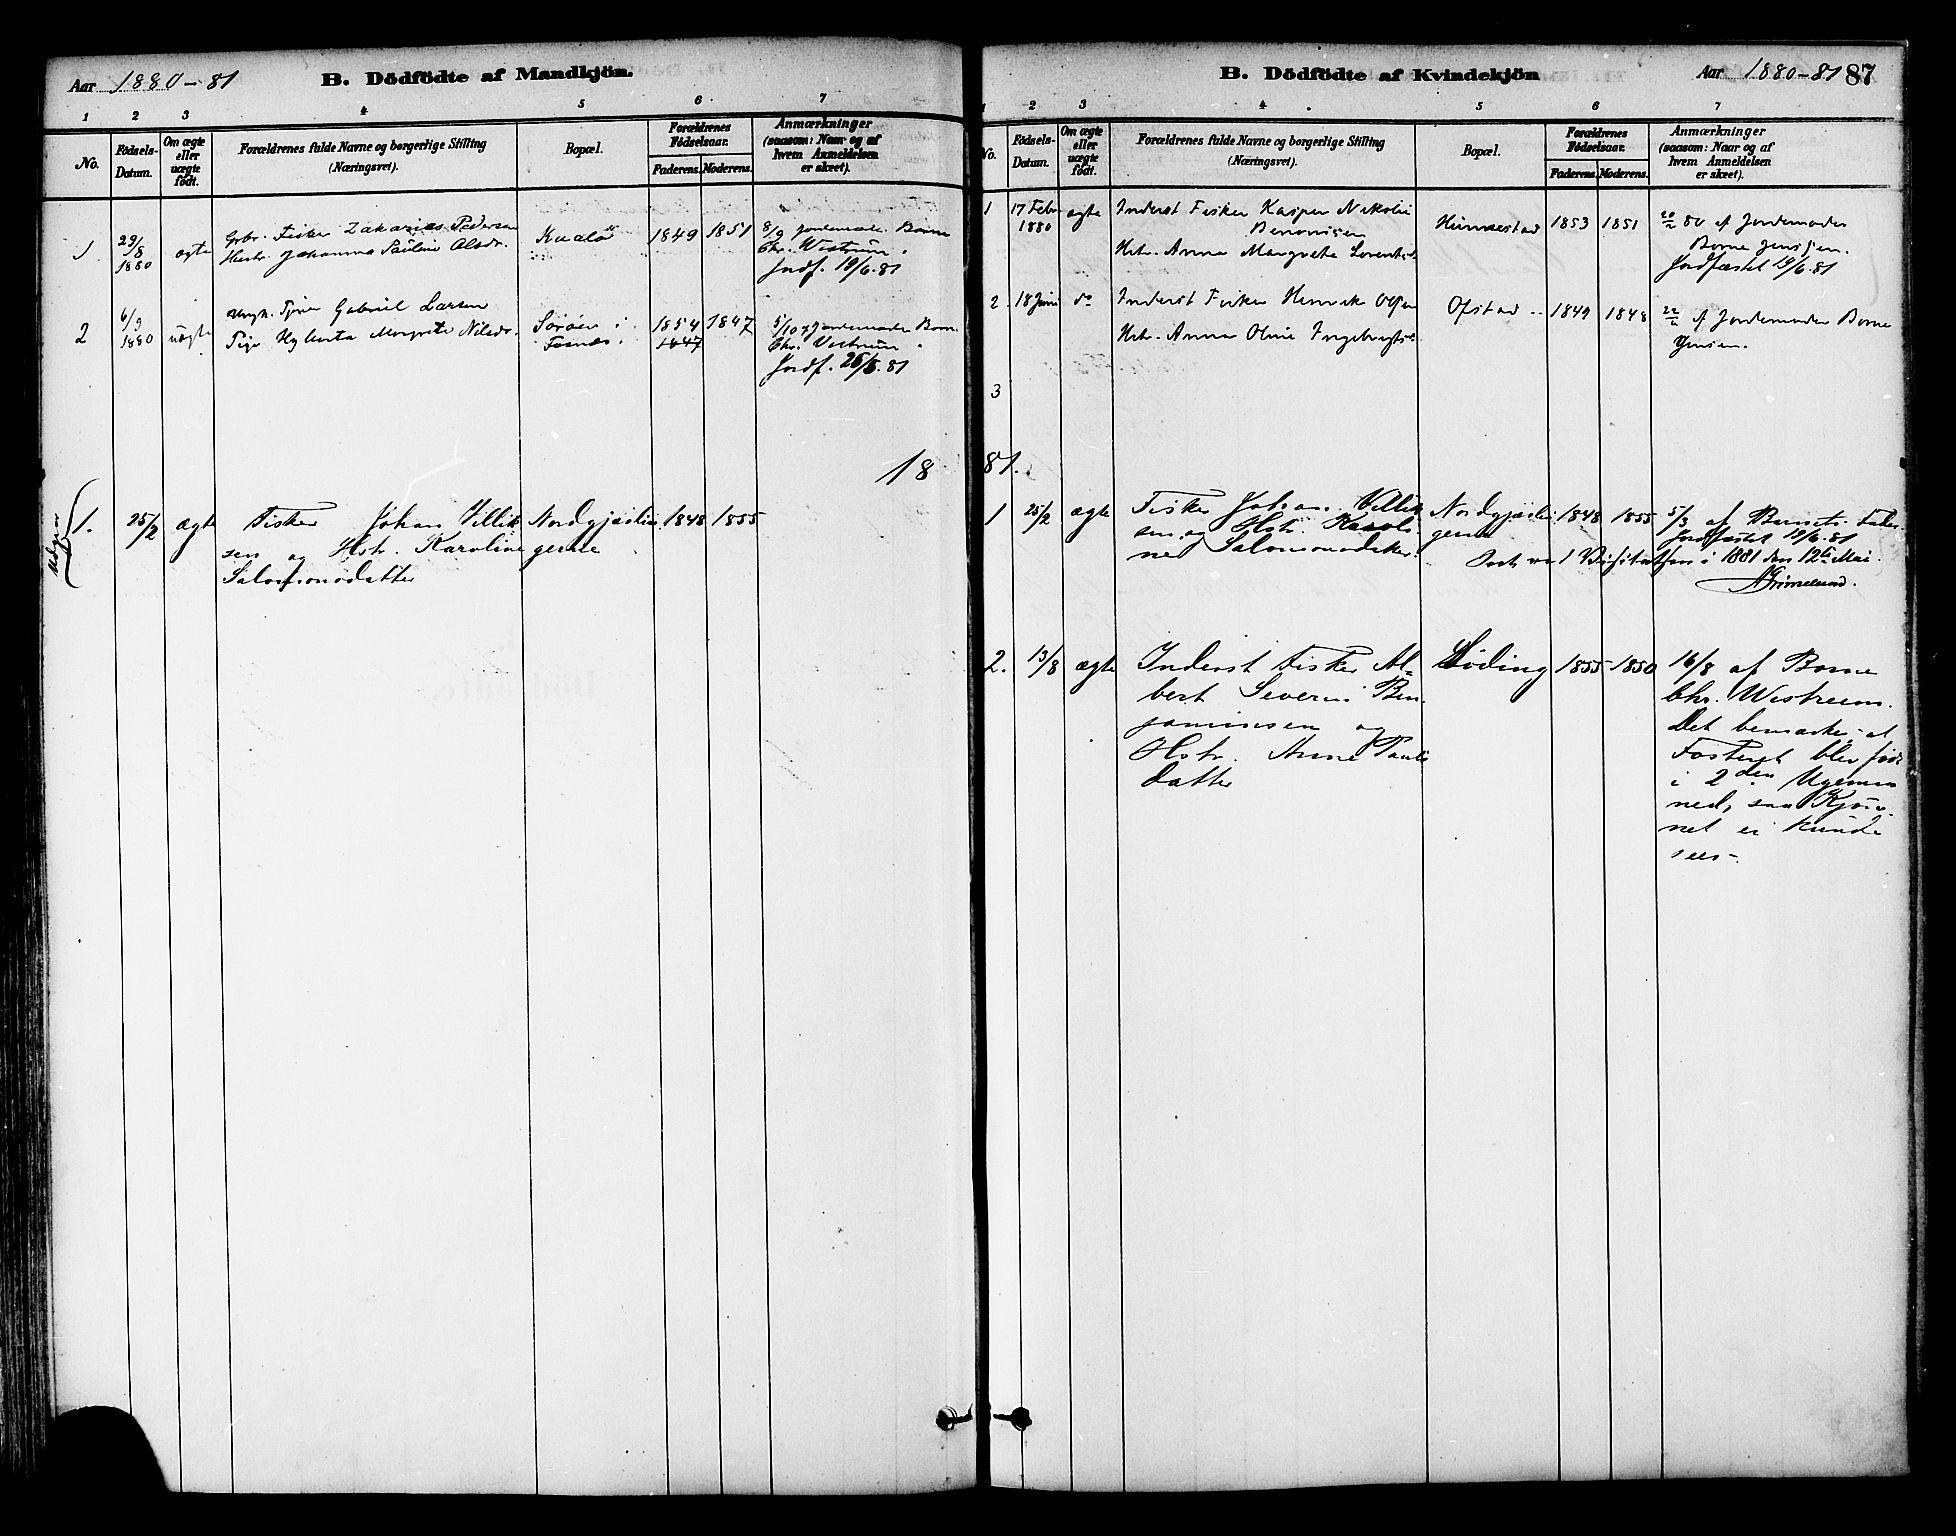 SAT, Ministerialprotokoller, klokkerbøker og fødselsregistre - Nord-Trøndelag, 786/L0686: Ministerialbok nr. 786A02, 1880-1887, s. 87